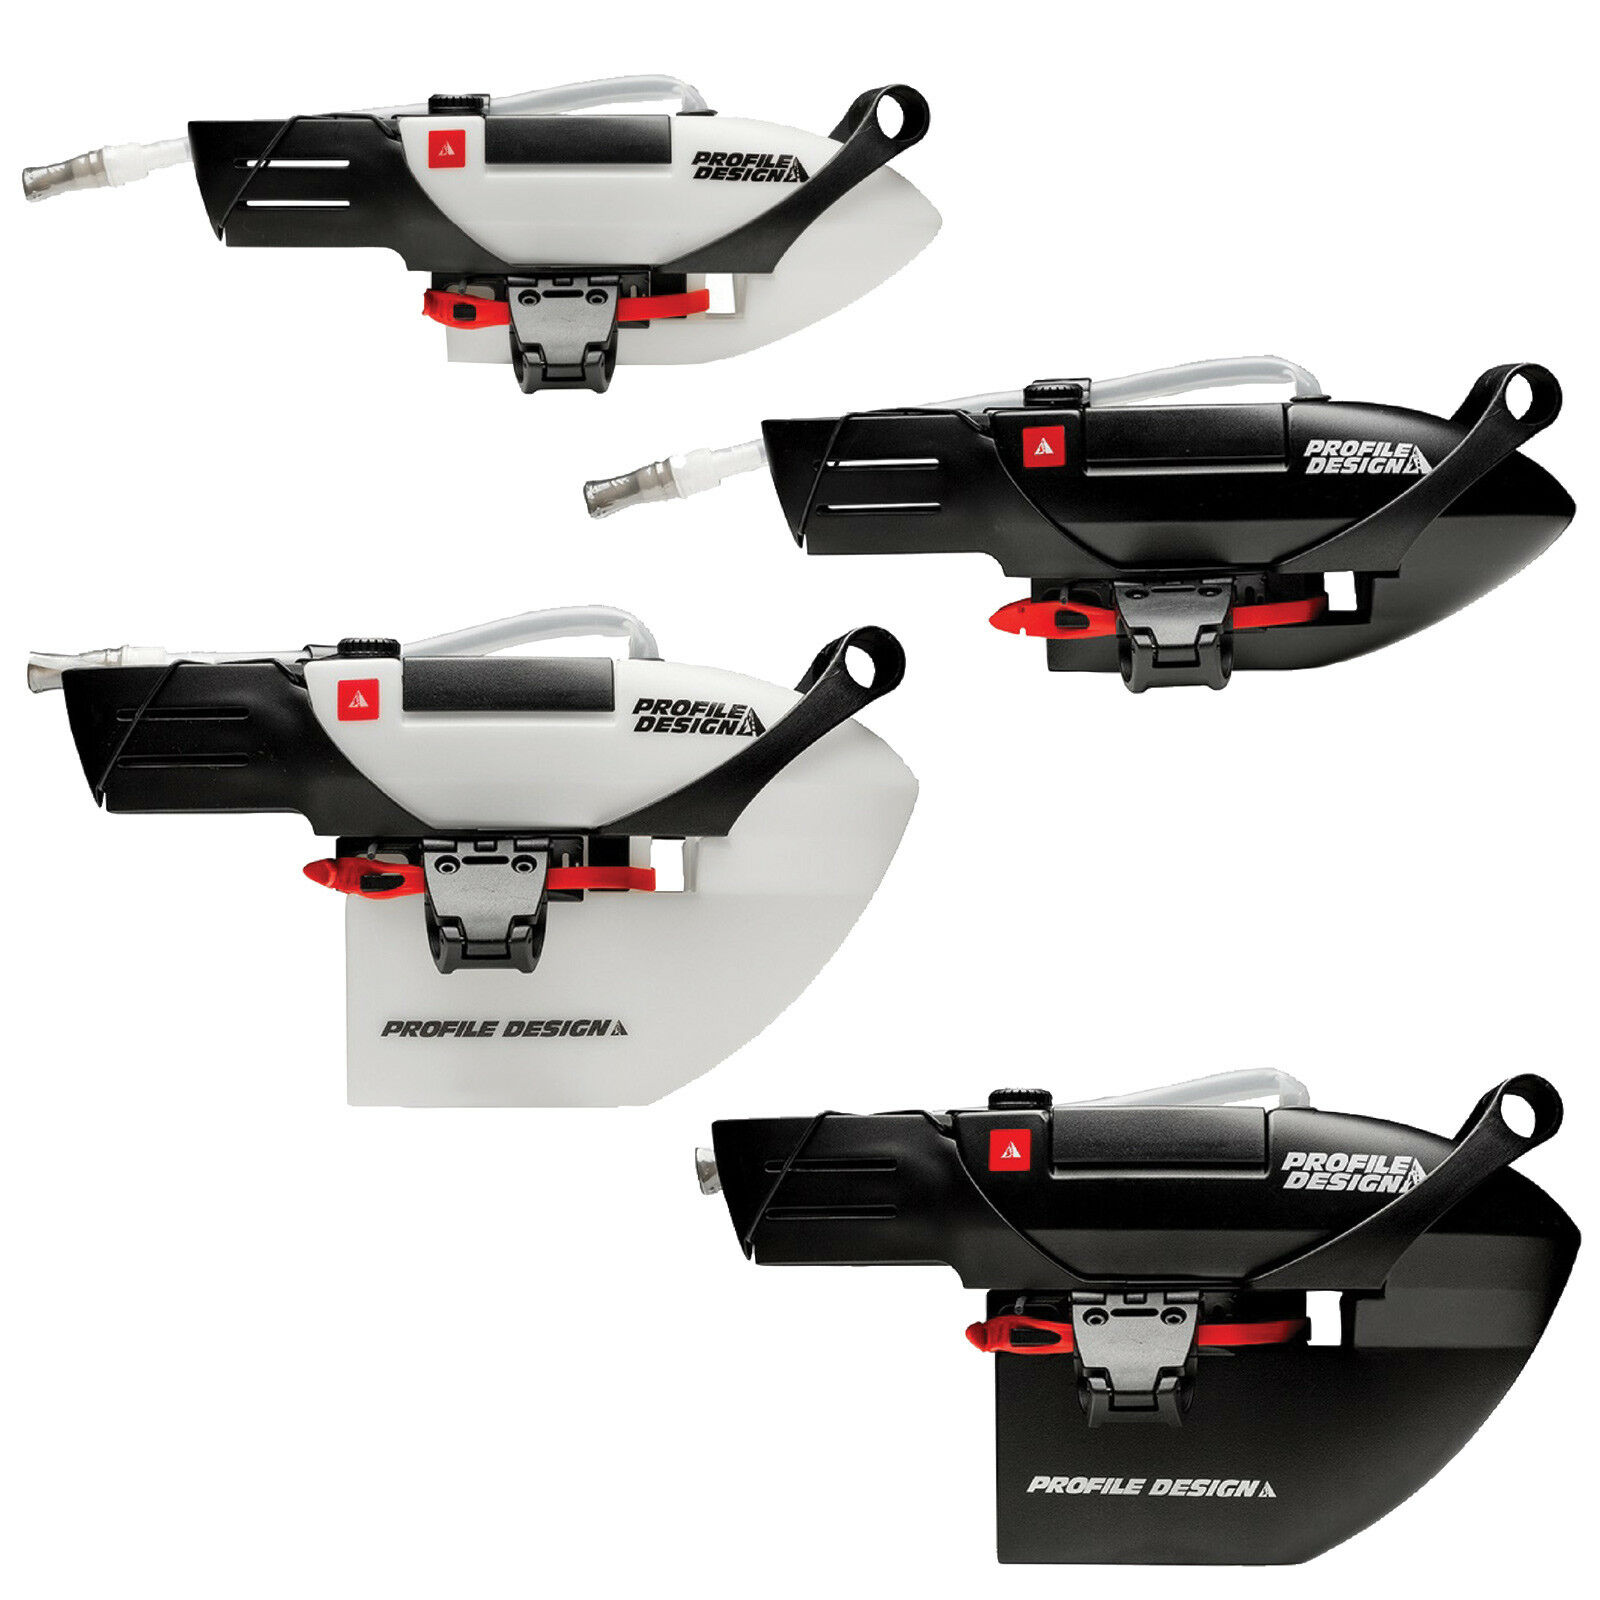 Profile Design Aero-Trinksystem FC25 & FC35 für Triathlon- und Zeitfahrräder